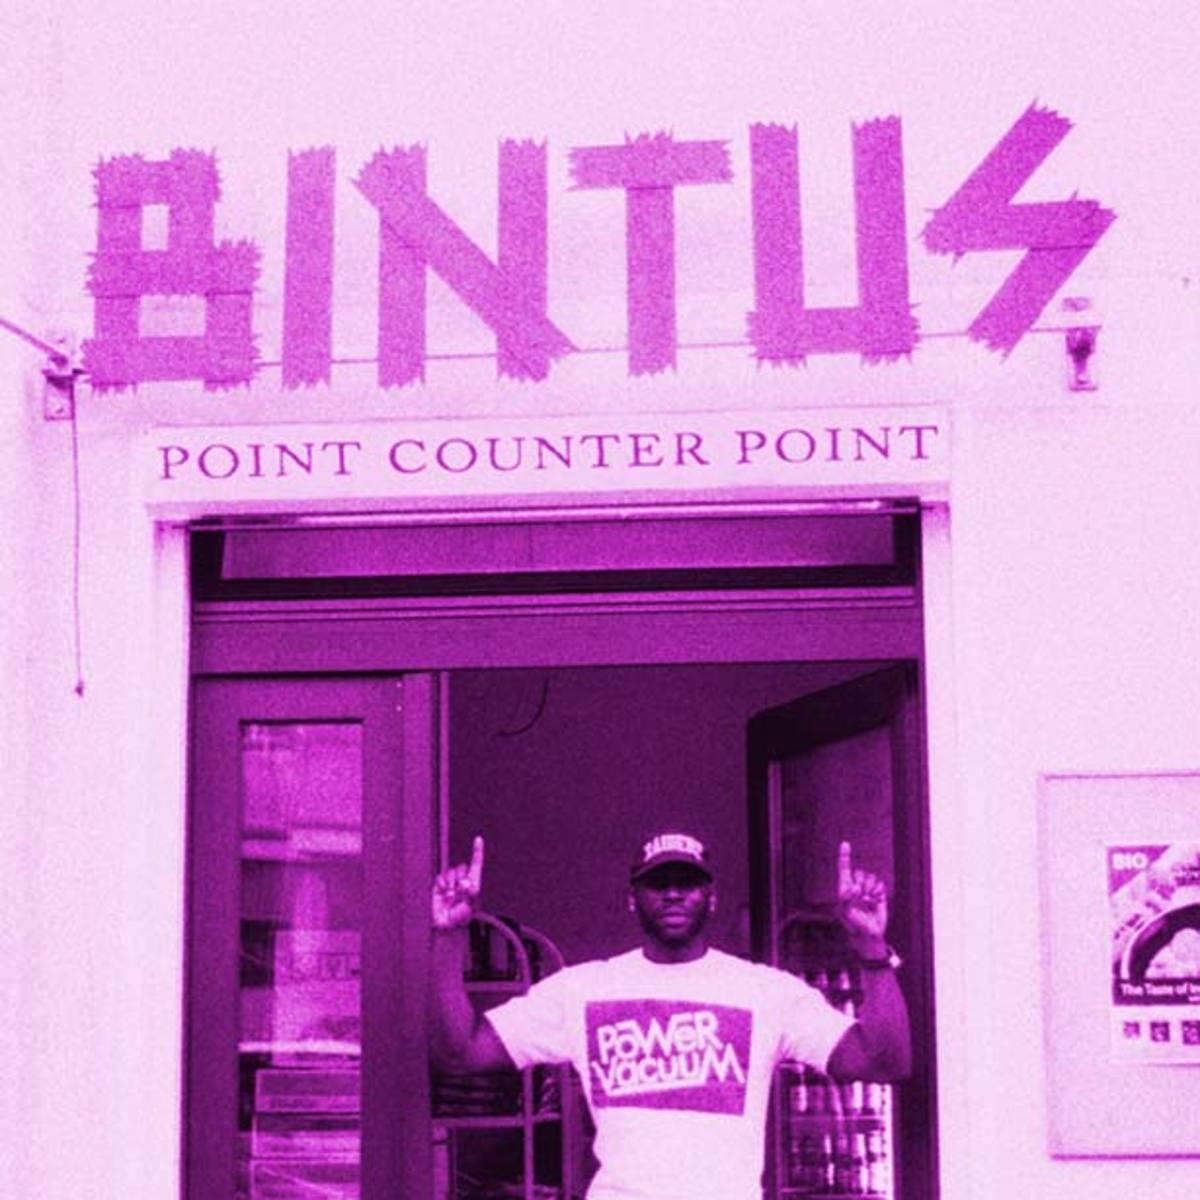 """EDM Download: Bintus """"Edit Service 15"""" via I'm a Cliché"""